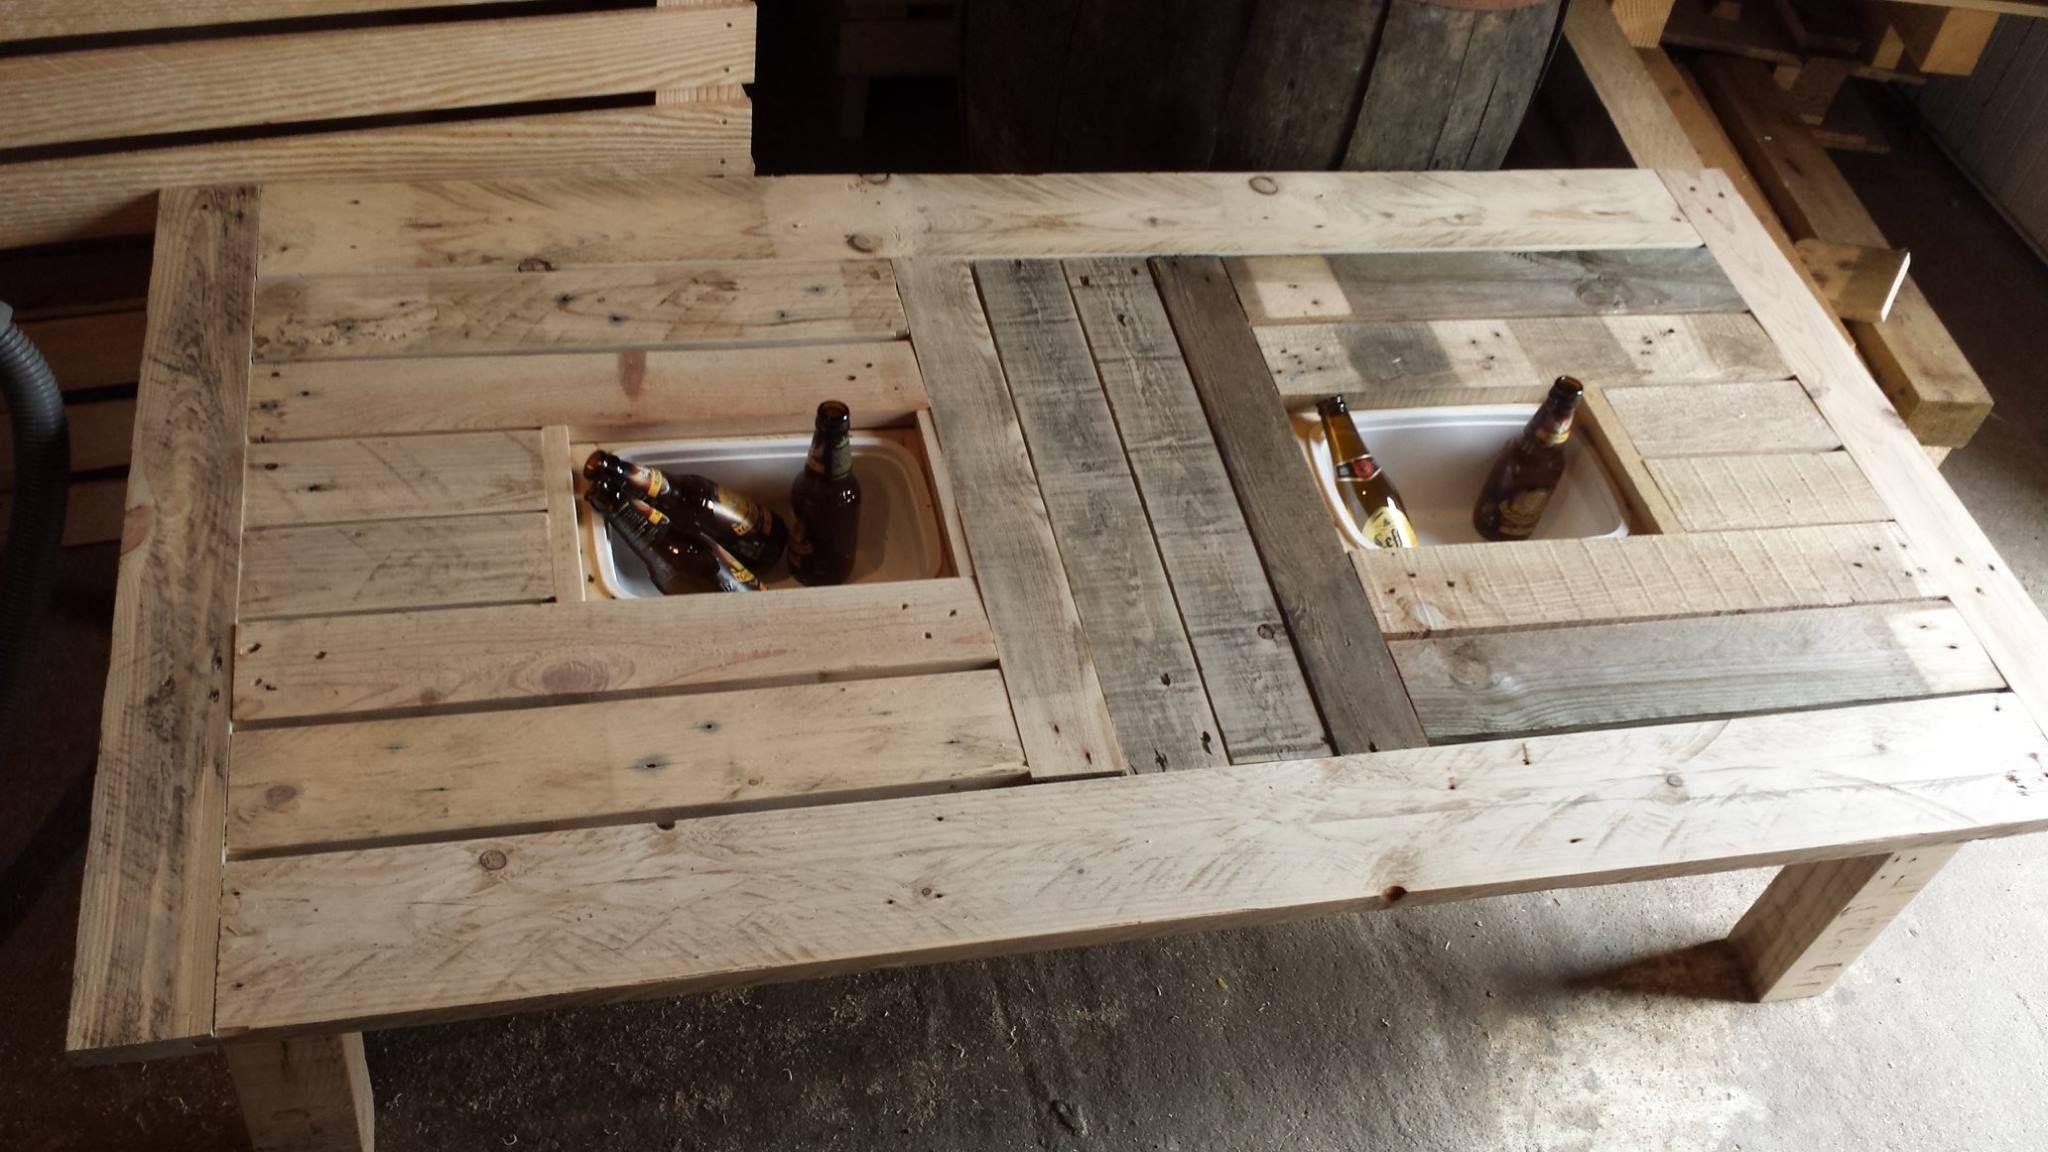 table exterieur avec bac gla on objet et meuble en palette meubles palettes id e avec. Black Bedroom Furniture Sets. Home Design Ideas